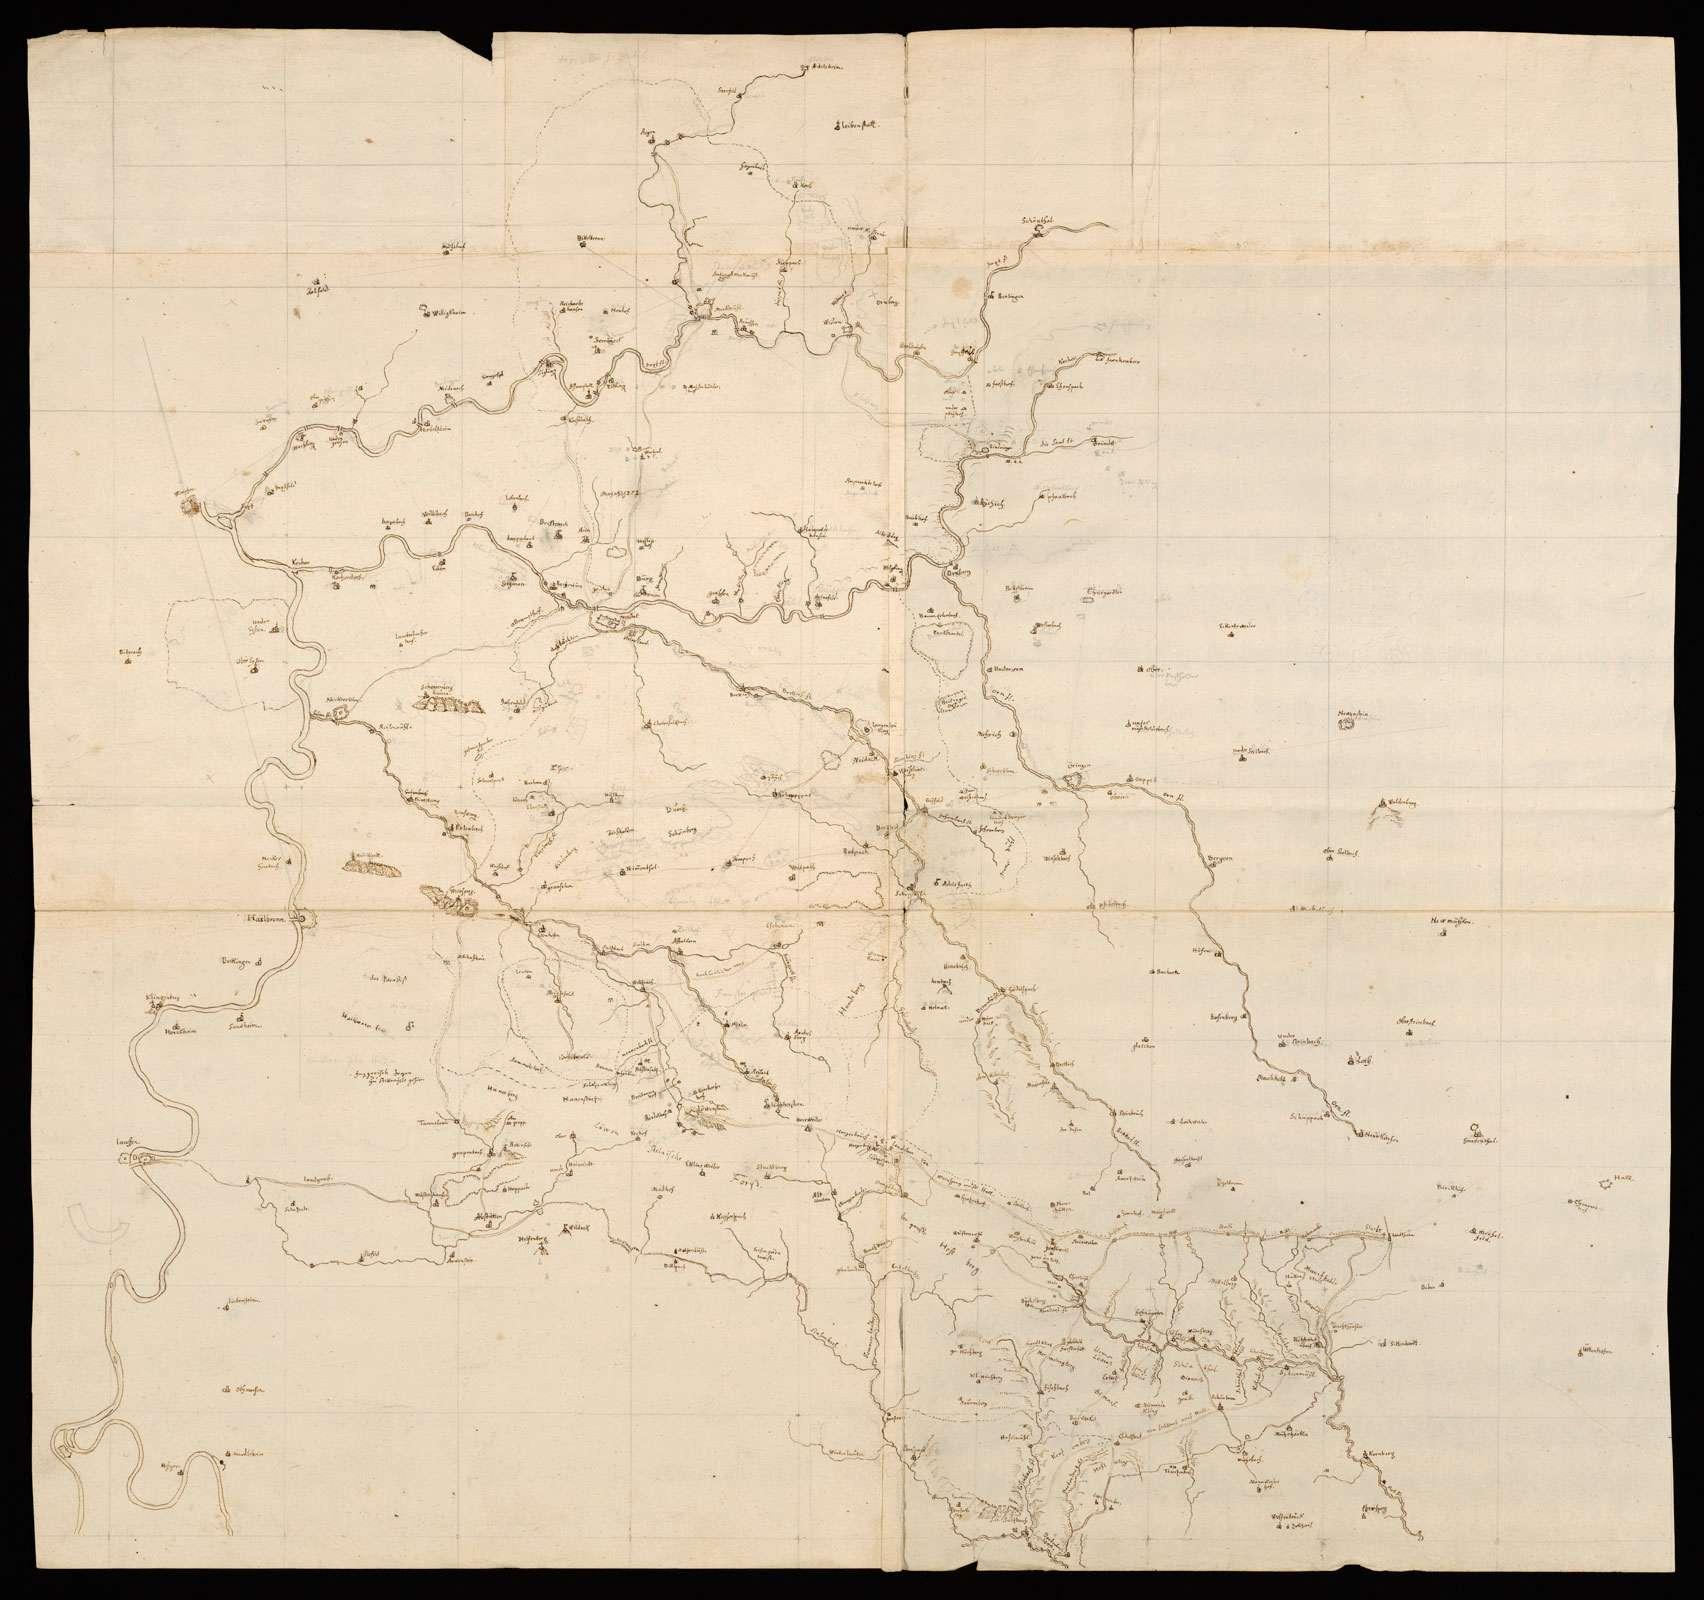 """[Karte des nördlichen Württemberg und des westlichen Hohenlohe mit dem Kraichgau] """"Möckmühl, Newenstadt, Böringsweiler ... cum inclusio Craichgo[wiae]"""" (verstümmelt; Rückseitentitel von Majer), Bild 1"""